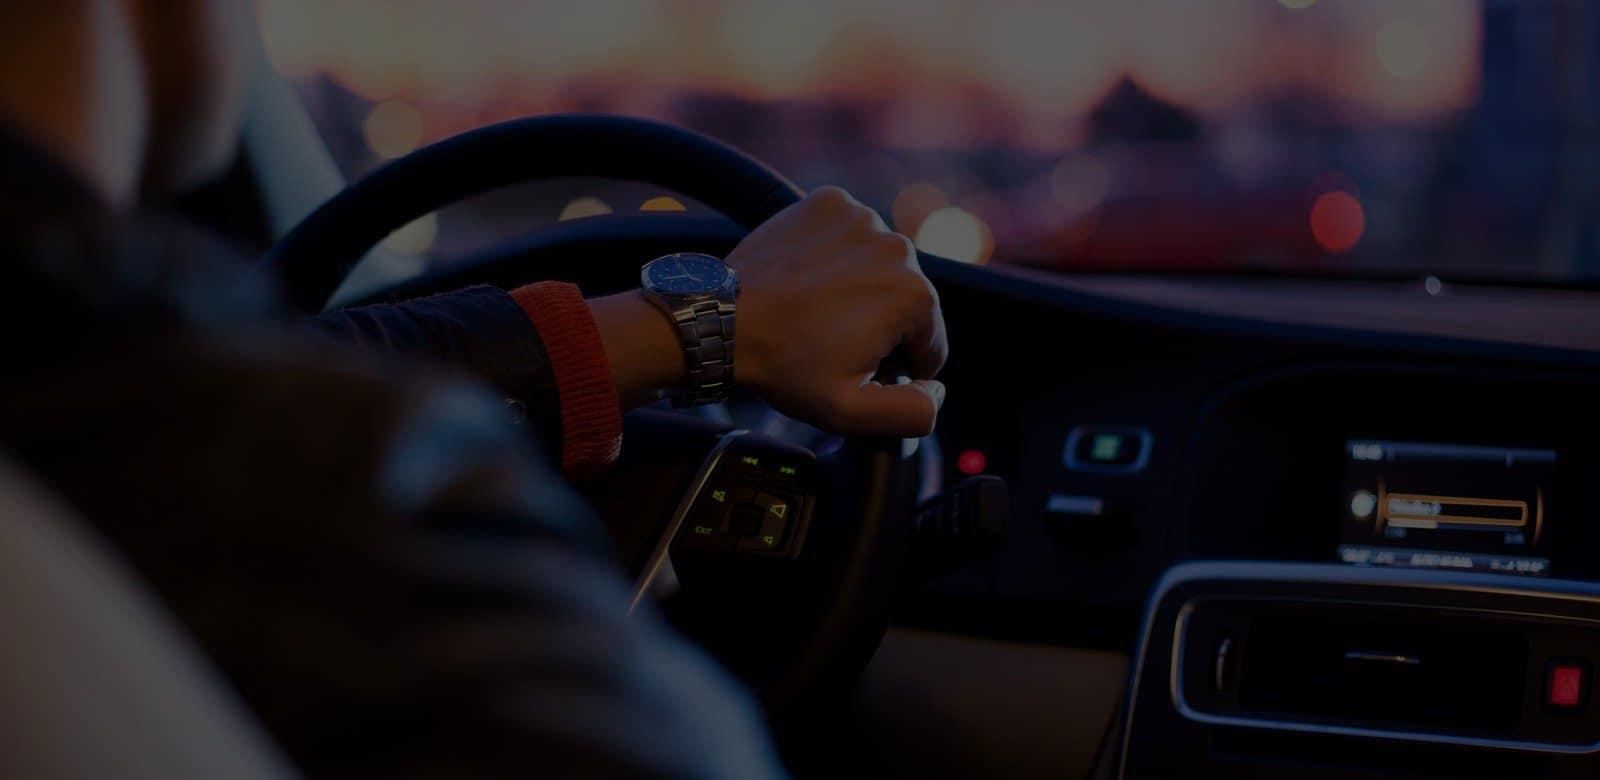 Zabranie prawa jazdy - Lextraffic.pl